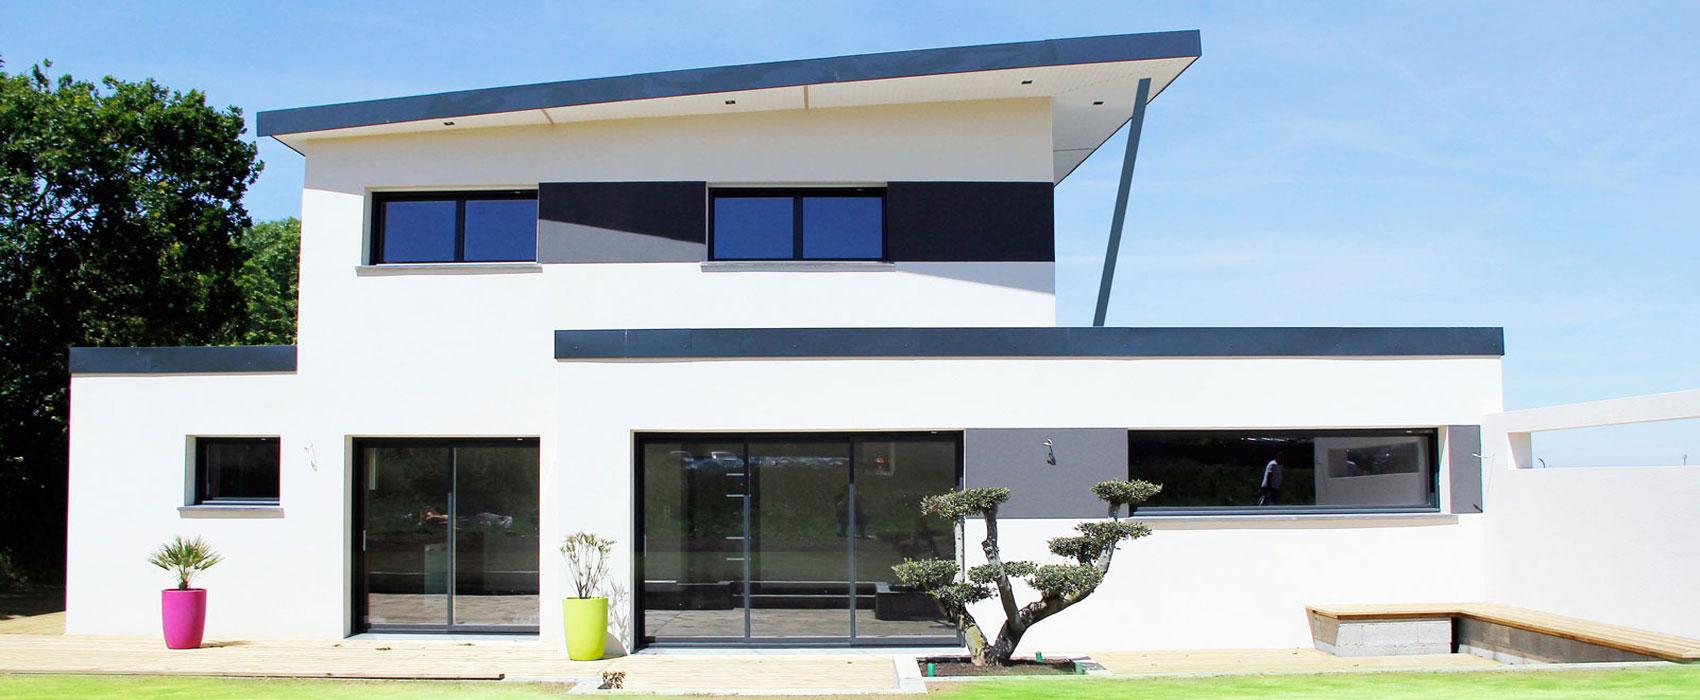 La maison contemporaine positive constructeur de maisons individuelles for Maison moderne aconstruire